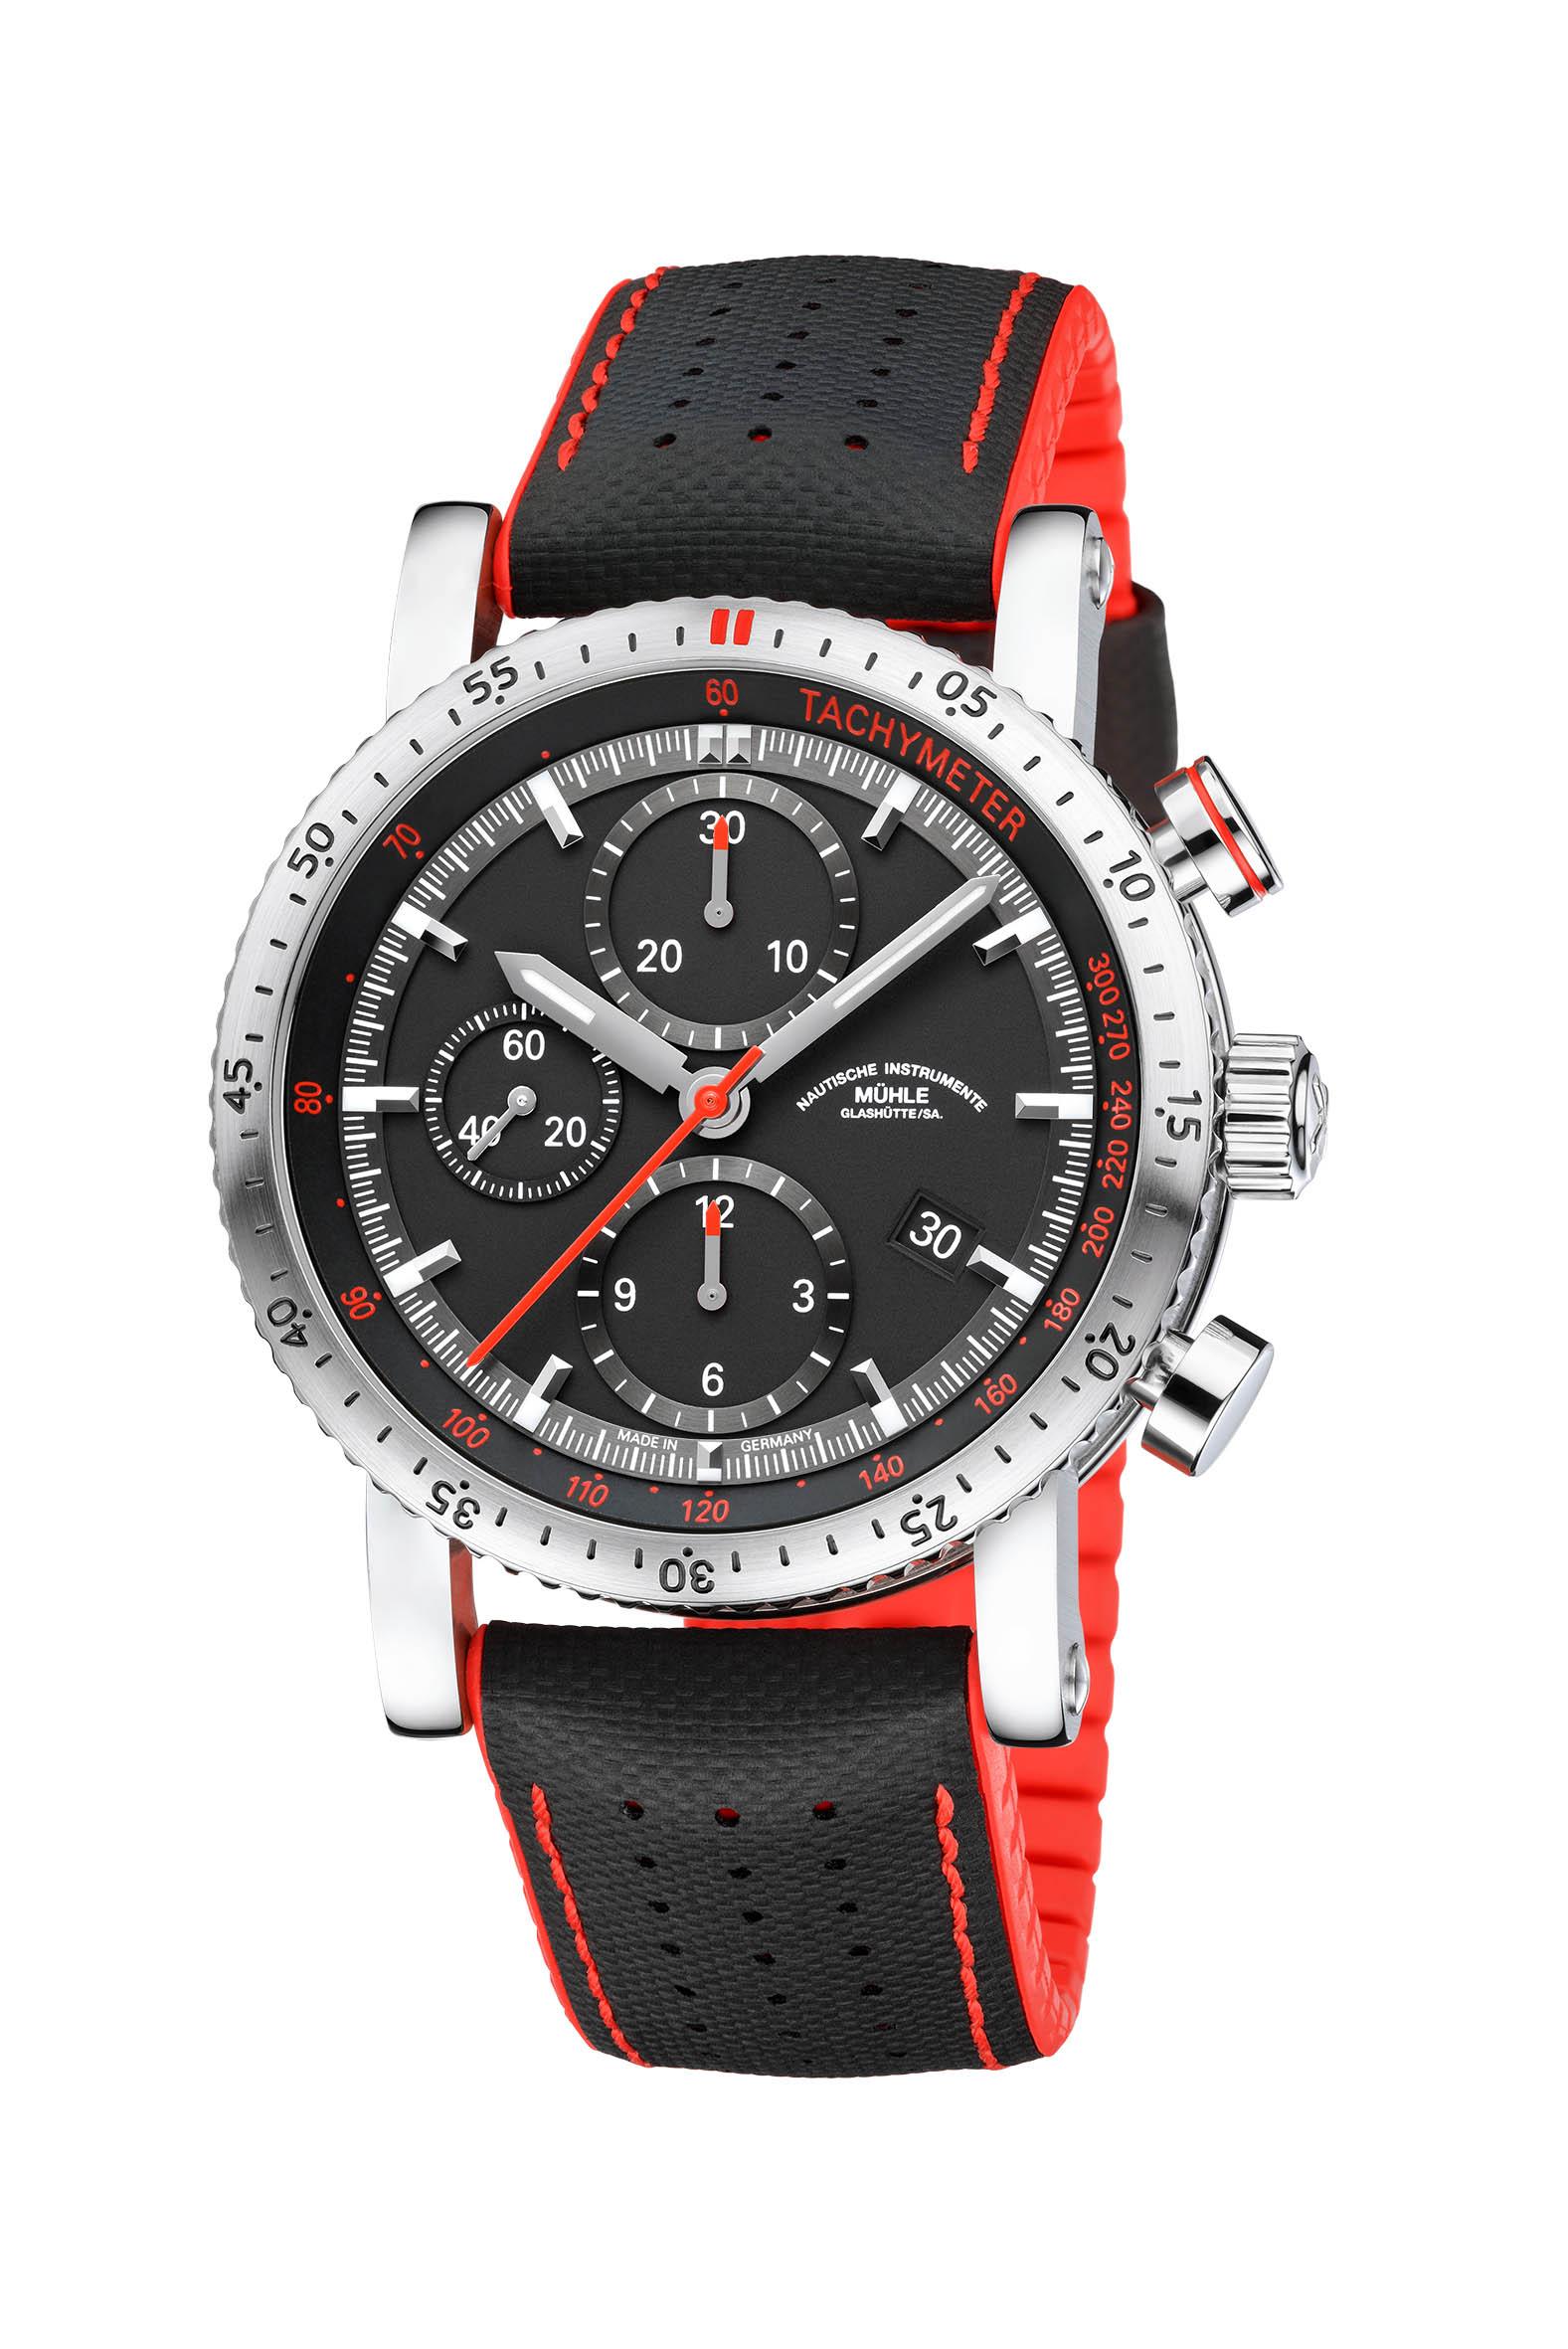 Die neue Teutonia Sport I brennt nicht nur darauf, die Zeit für eine bestimmte Strecke zu messen, sie möchte diese am liebsten auch gleich in Geschwindigkeit übersetzen. Möglich macht das die Tachymeter-Funktion des neuen Sport-Chronographen aus Glashütte.